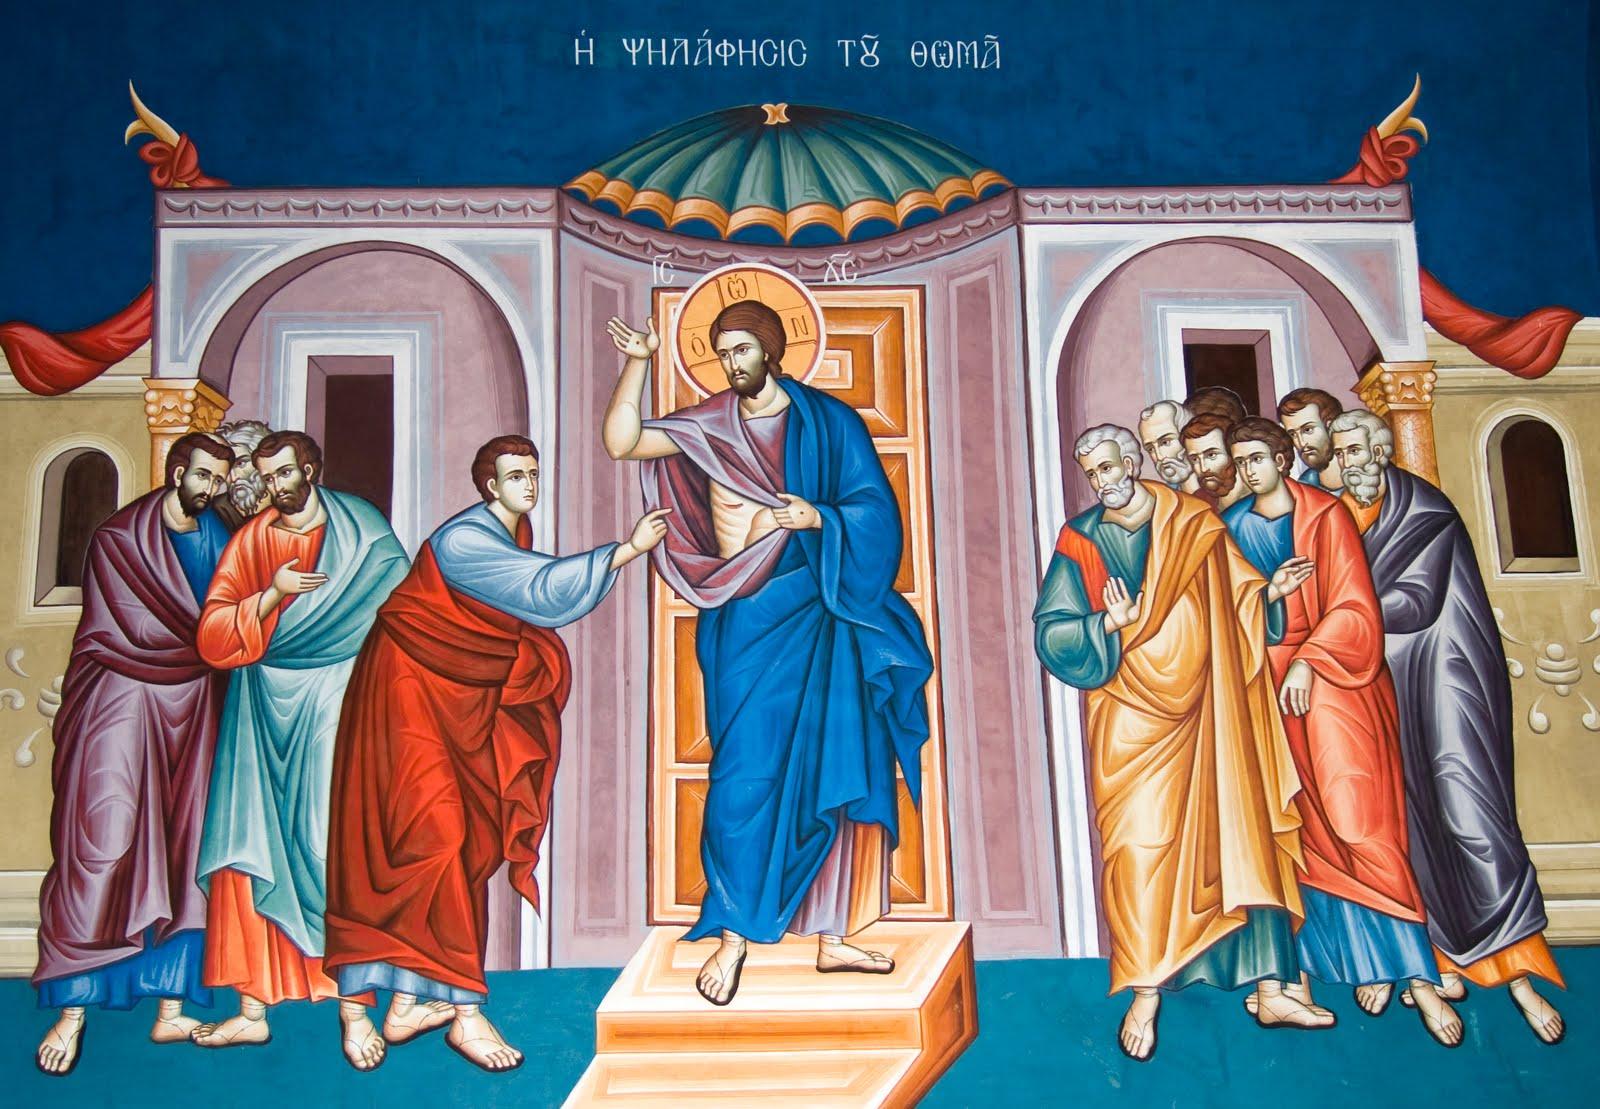 Predici la Duminica Sfantului Apostol Toma: LUPTA PENTRU A AVEA CREDINTA VIE. Ce ne tine inca in <i>necredinta</i>, departe de Dumnezeu?